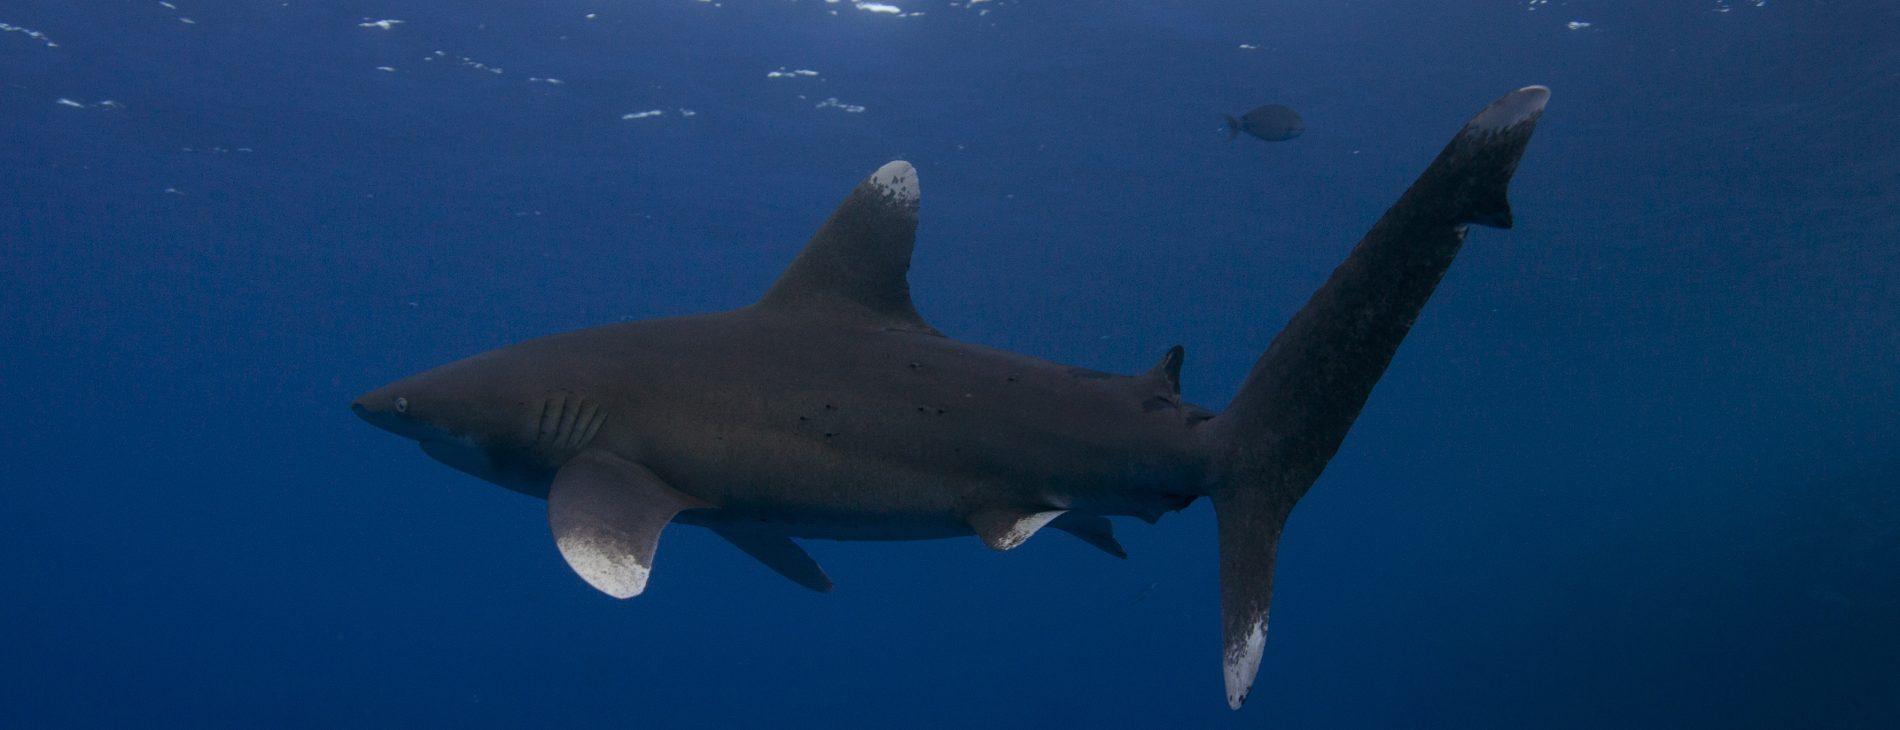 Mastrovaggiatore Egitto Crociera BDE requin